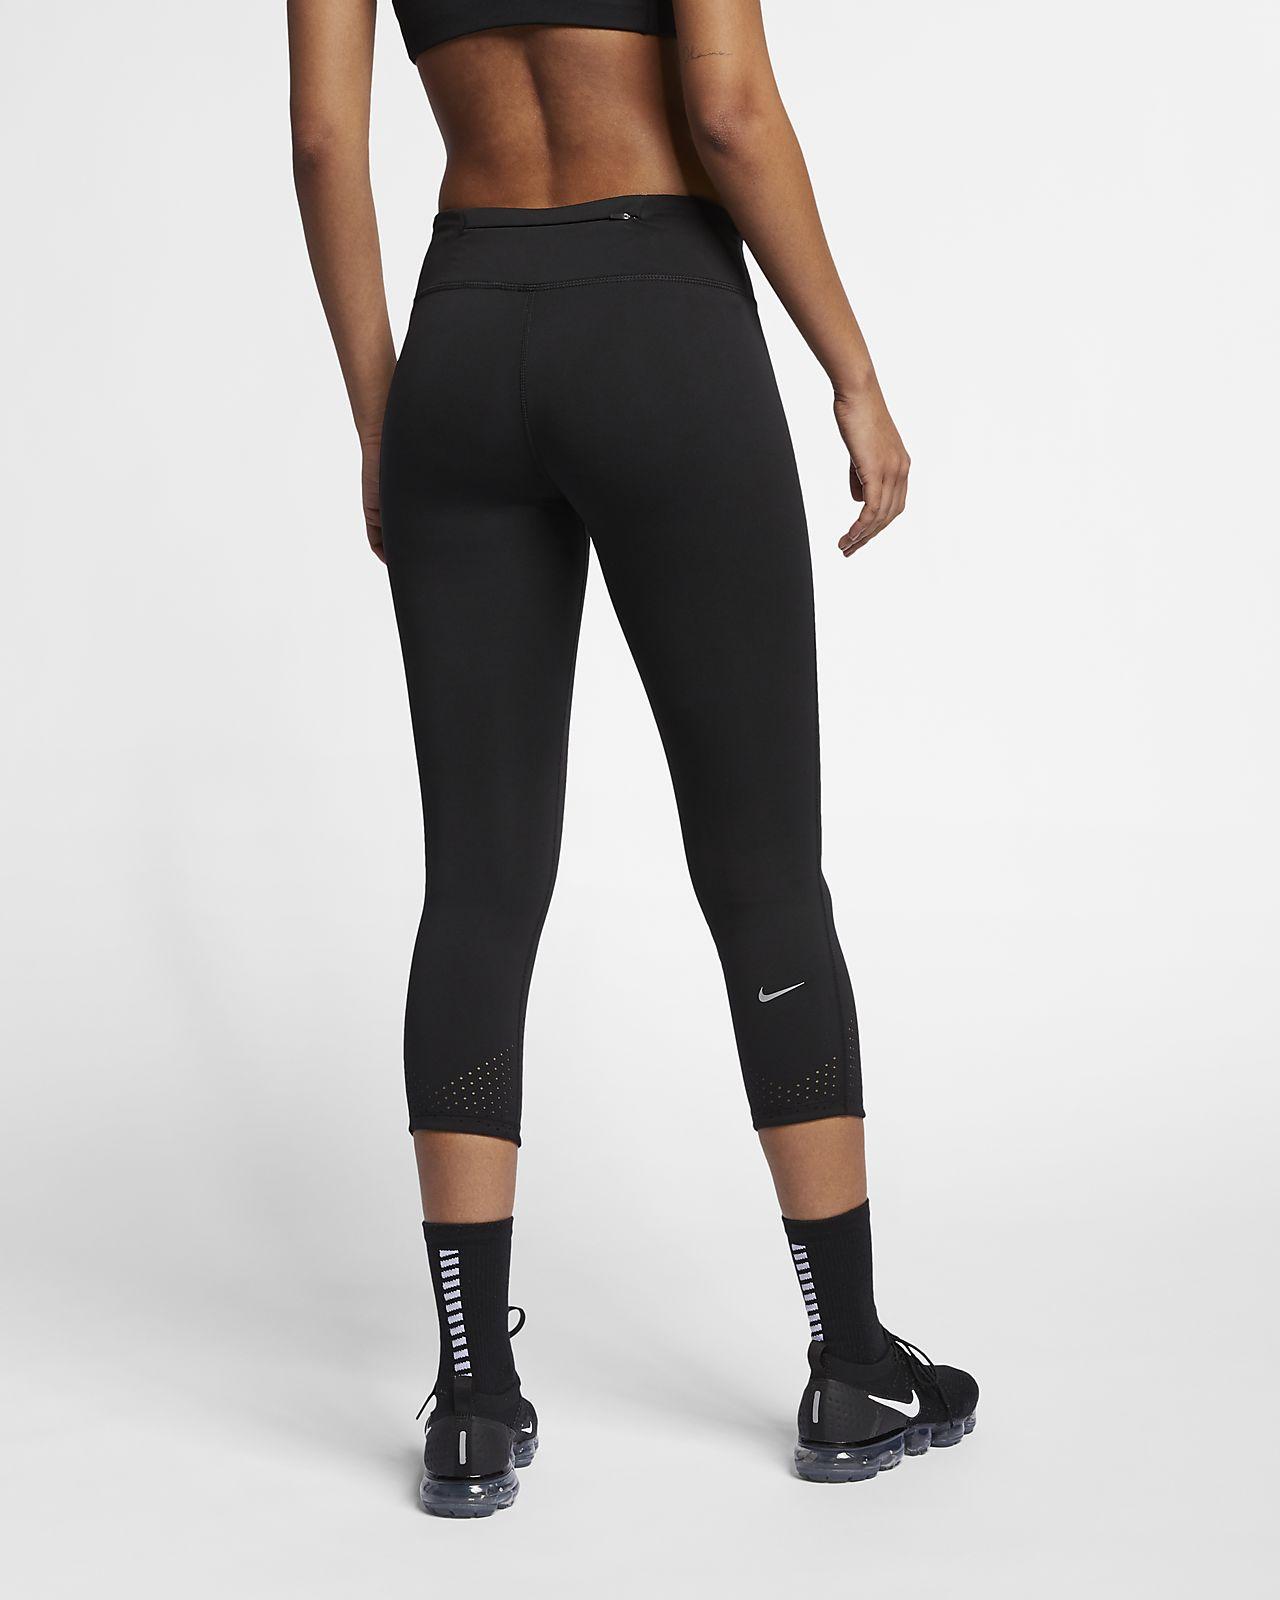 d8149e3375b70 Nike Epic Lux Women's Running Crops. Nike.com GB